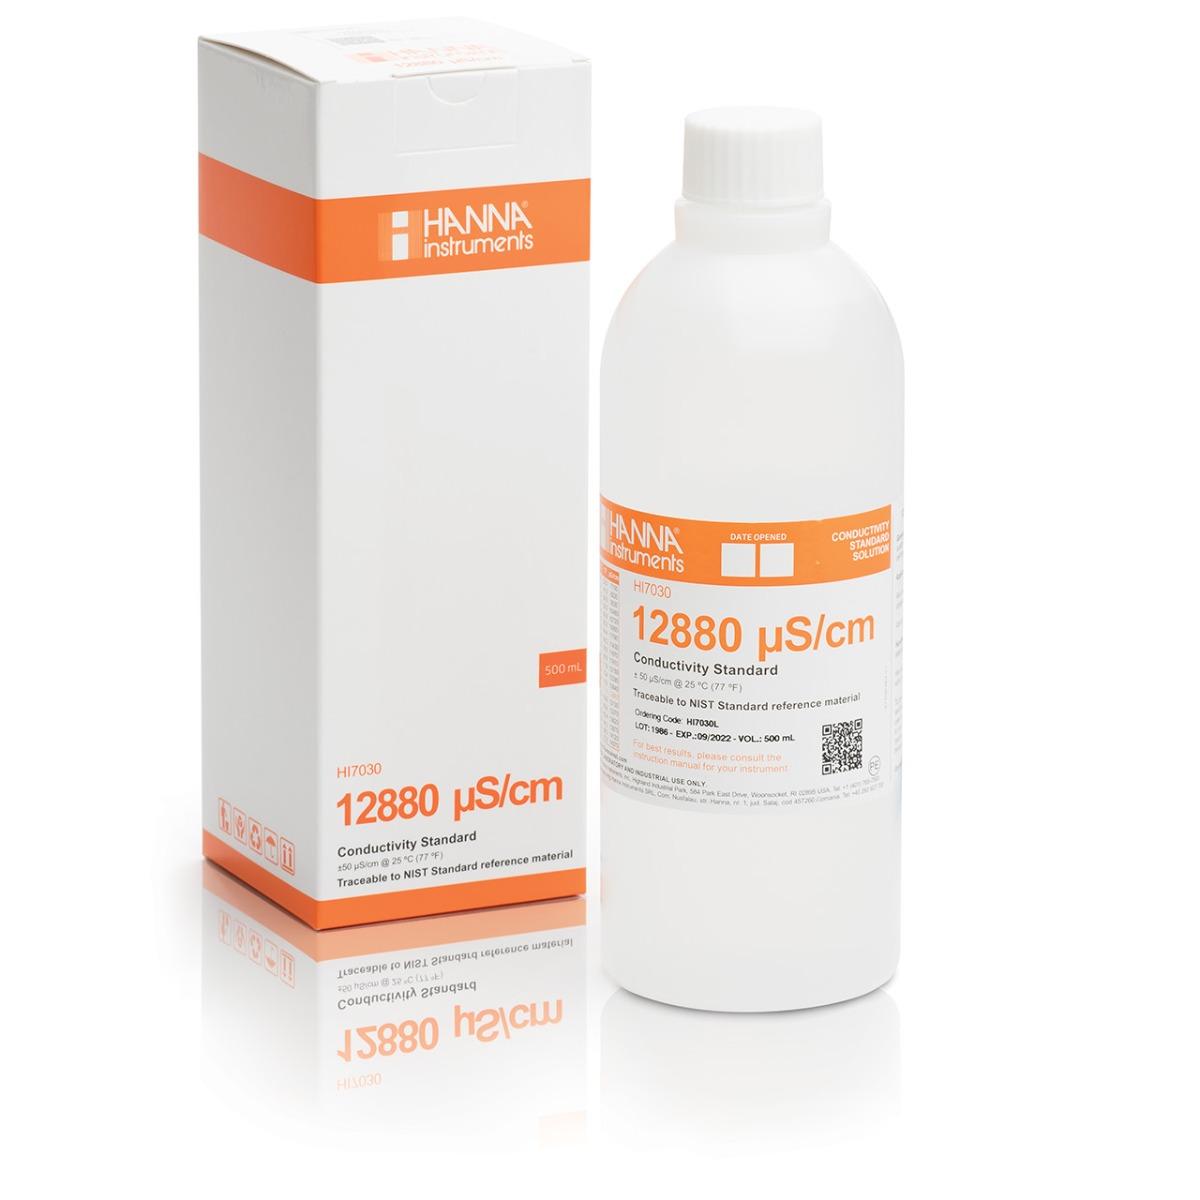 Solución Estándar de Conductividad 12880 µS/cm (Botella 500mL) - HI7030L